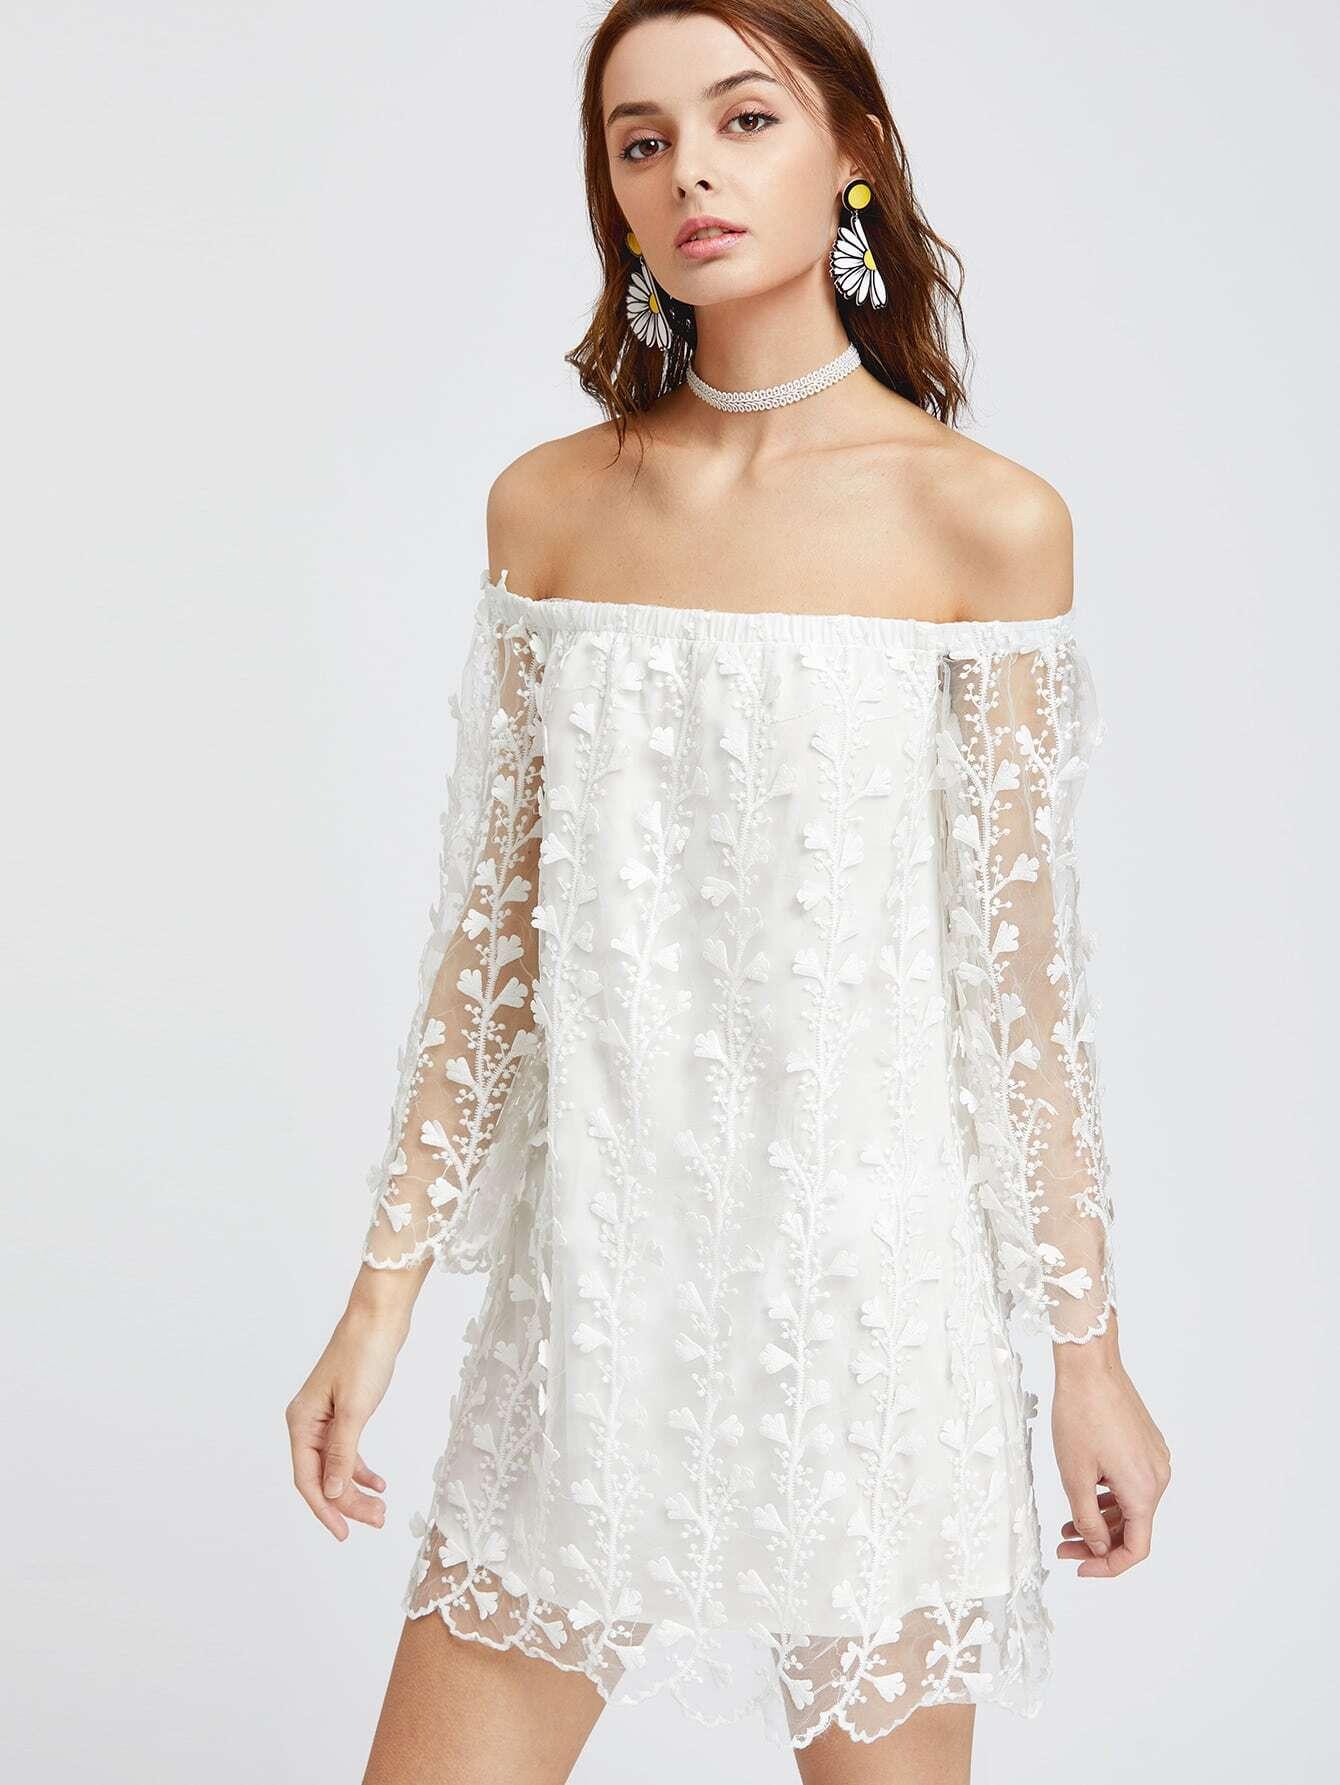 dress170308707_2